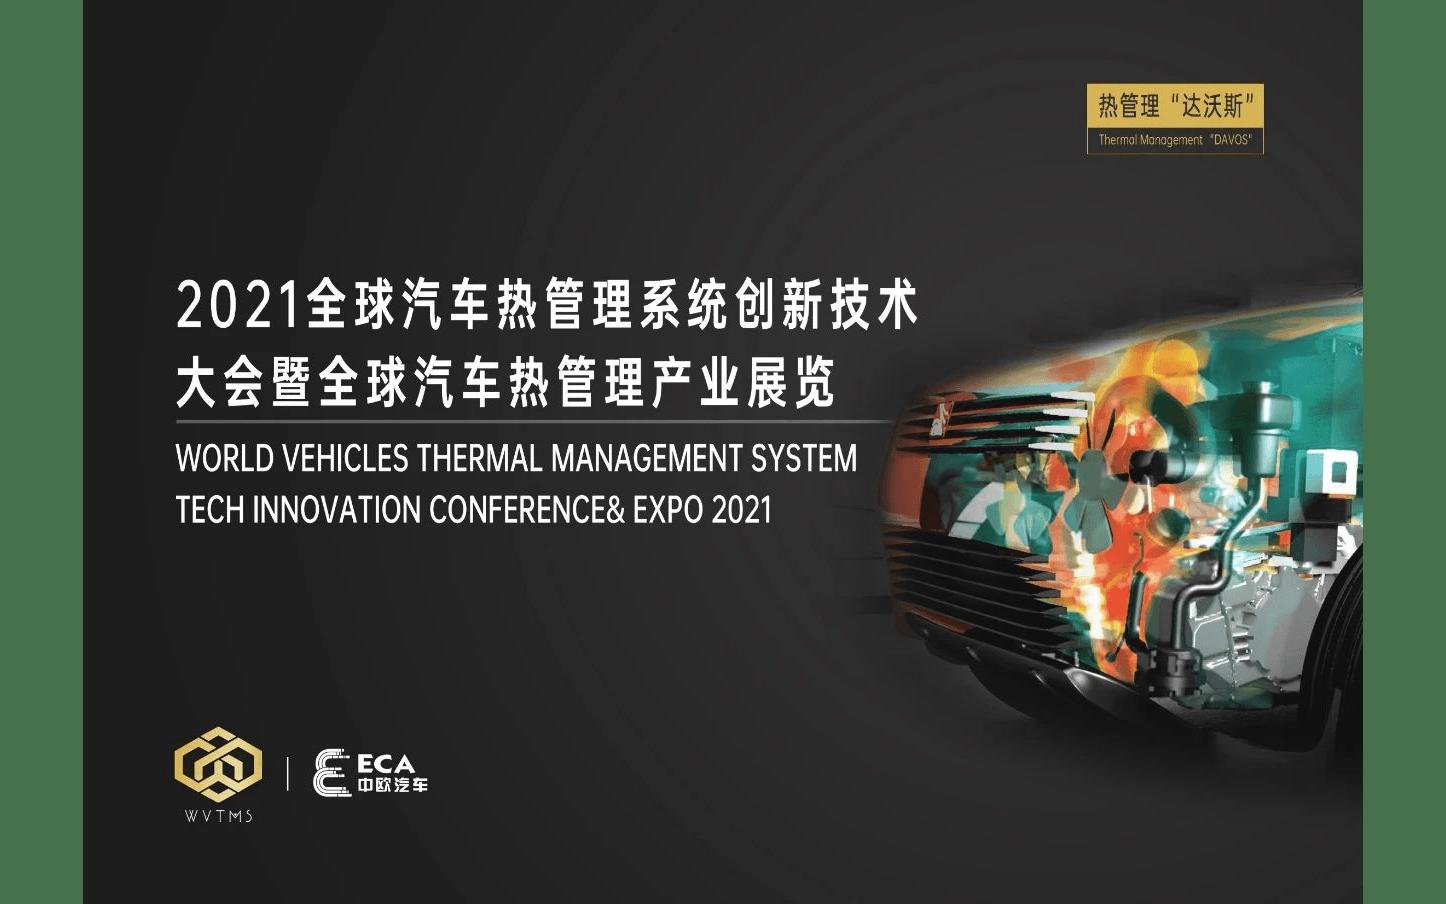 2021全球汽車熱管理系統創新技術大會暨全球汽車熱管理產業展覽